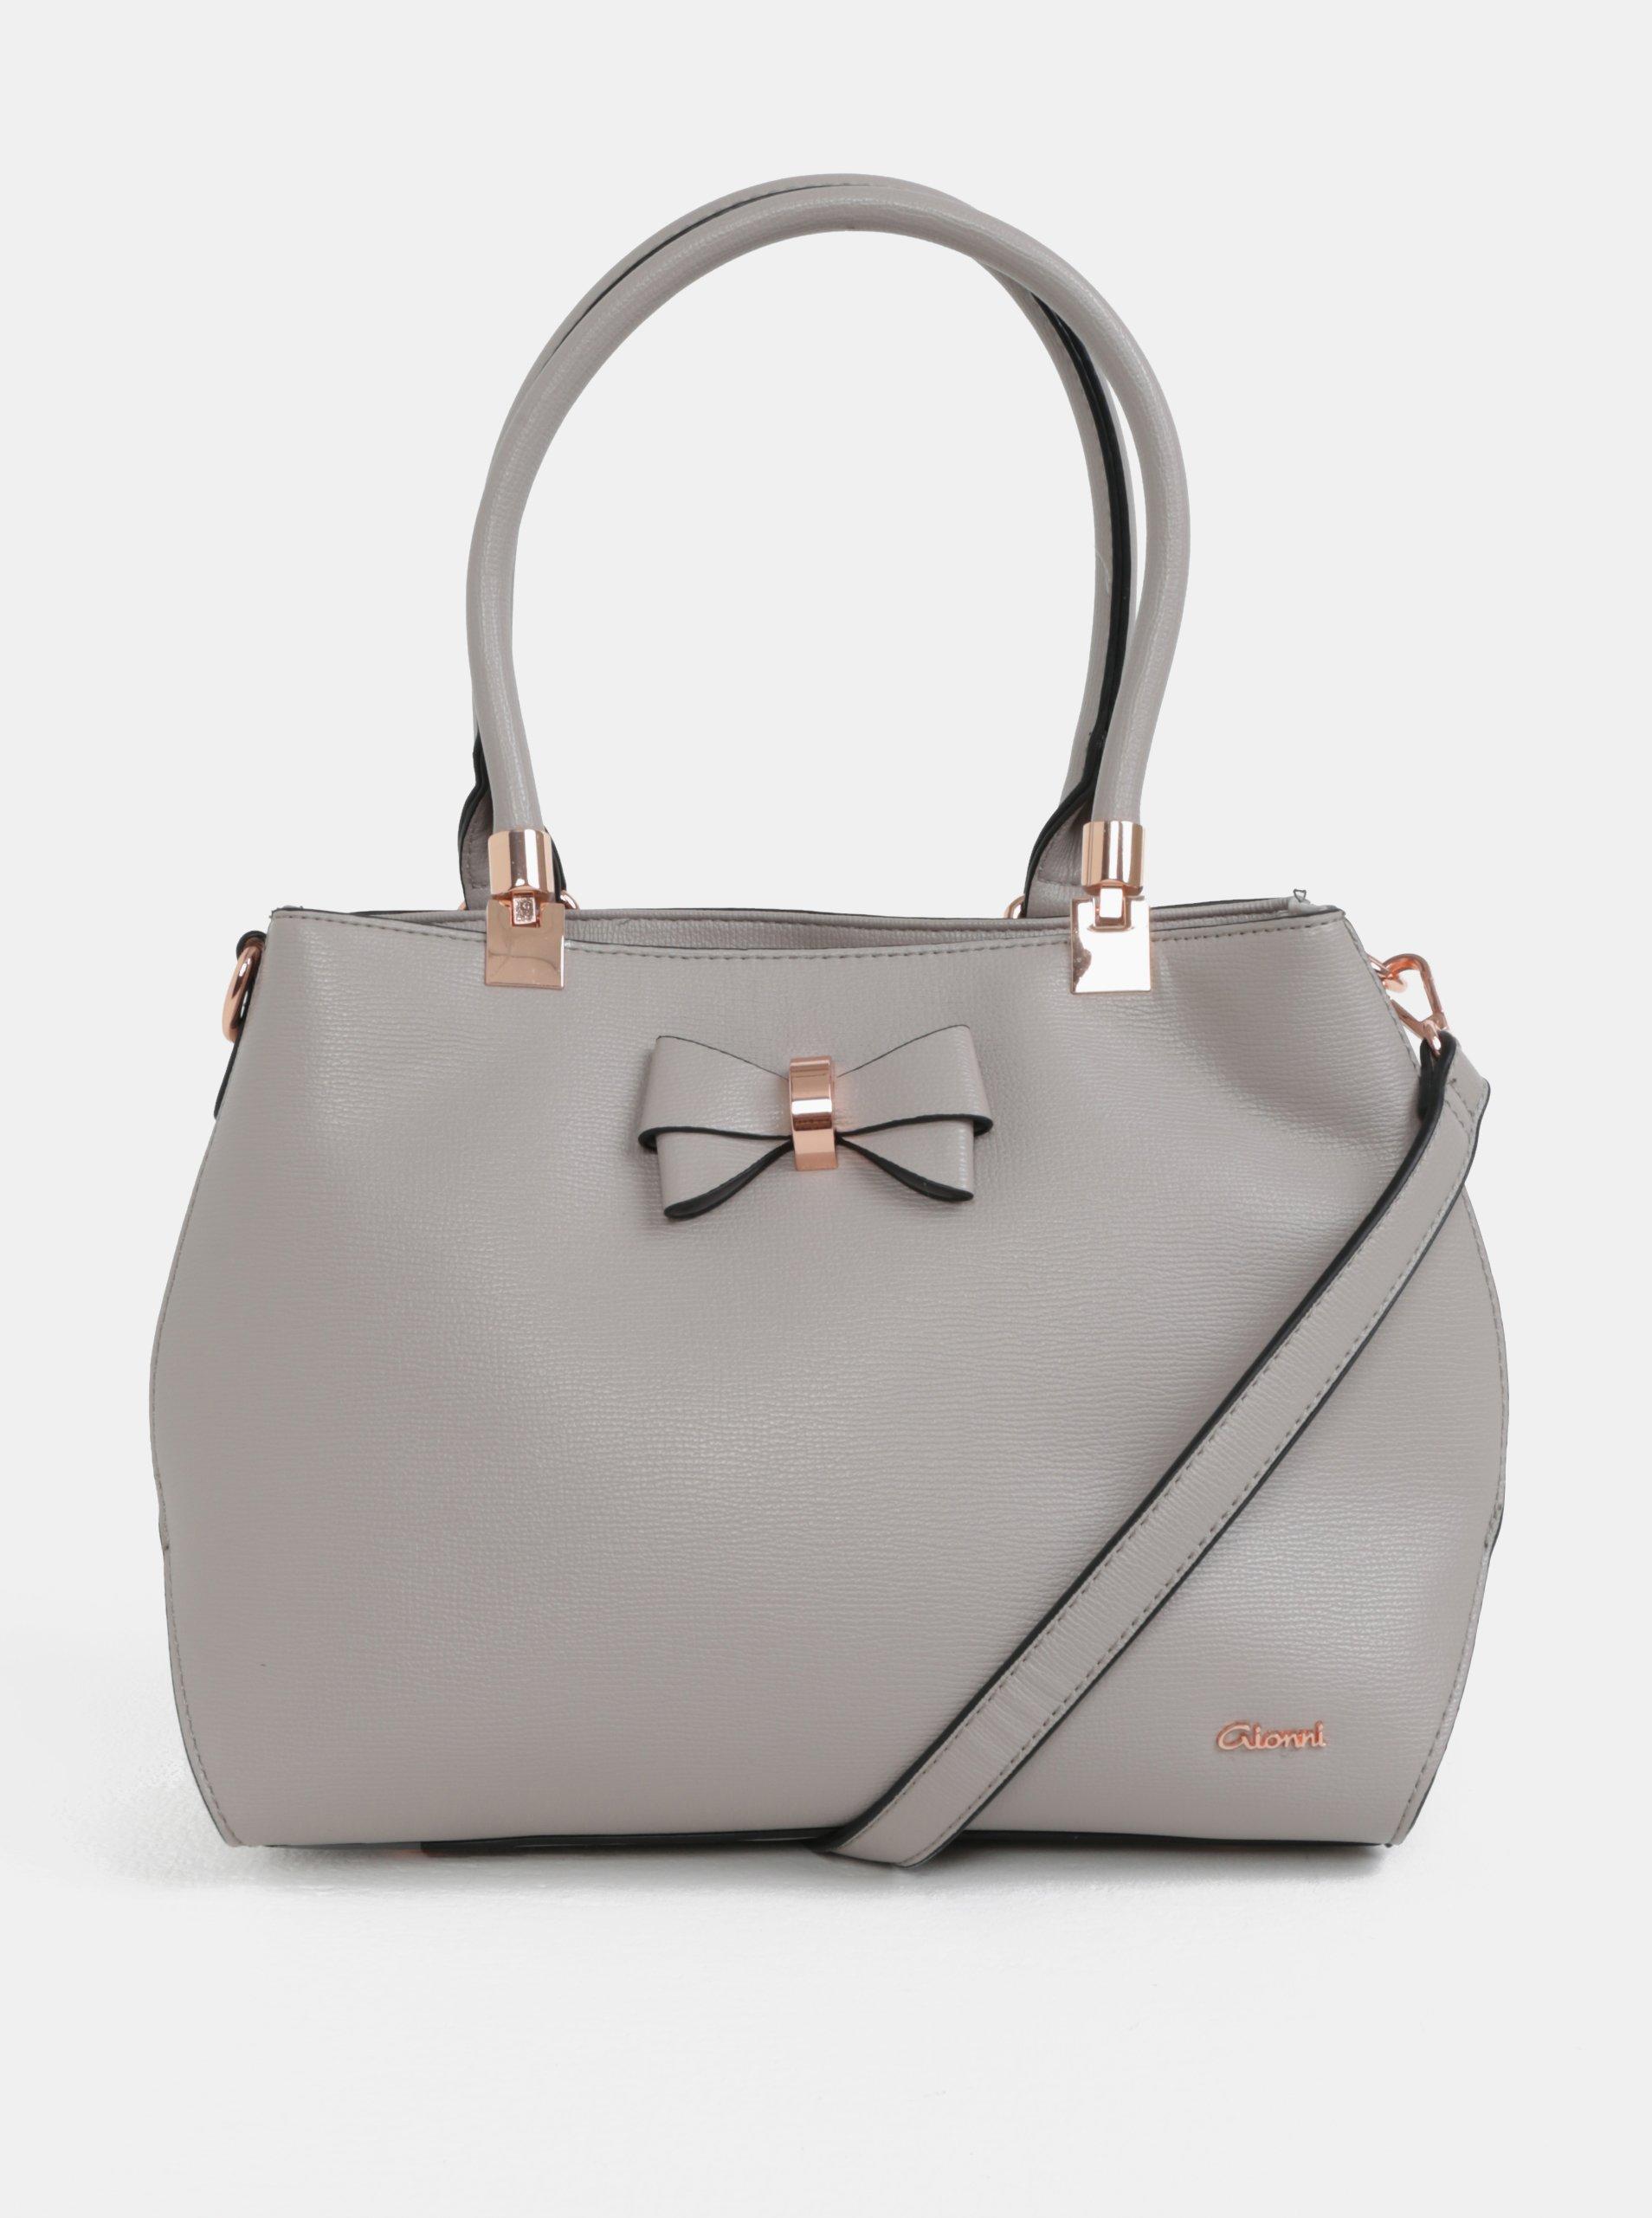 Šedá kabelka s mašlí Gionni Avril